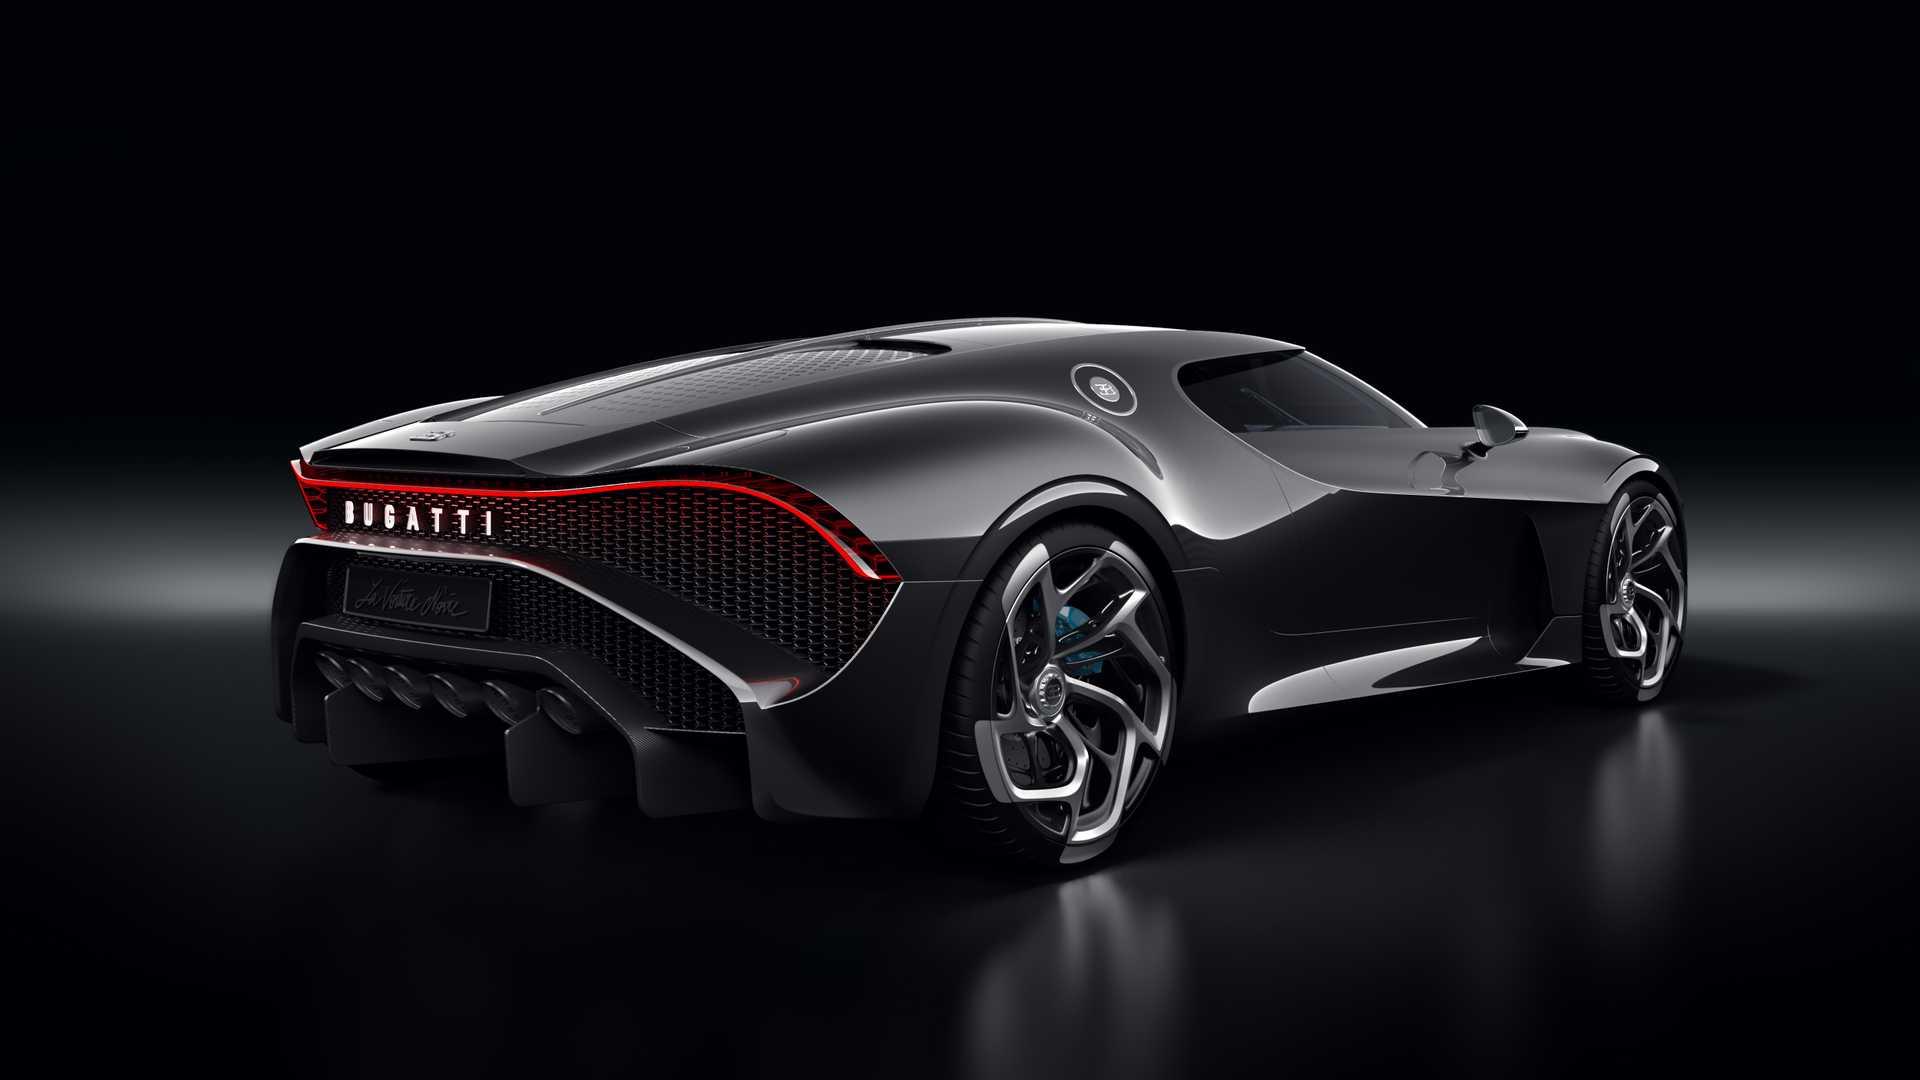 D 252 Nyanın En Pahalı Bugatti La Voiture Noire Tanıtıldı